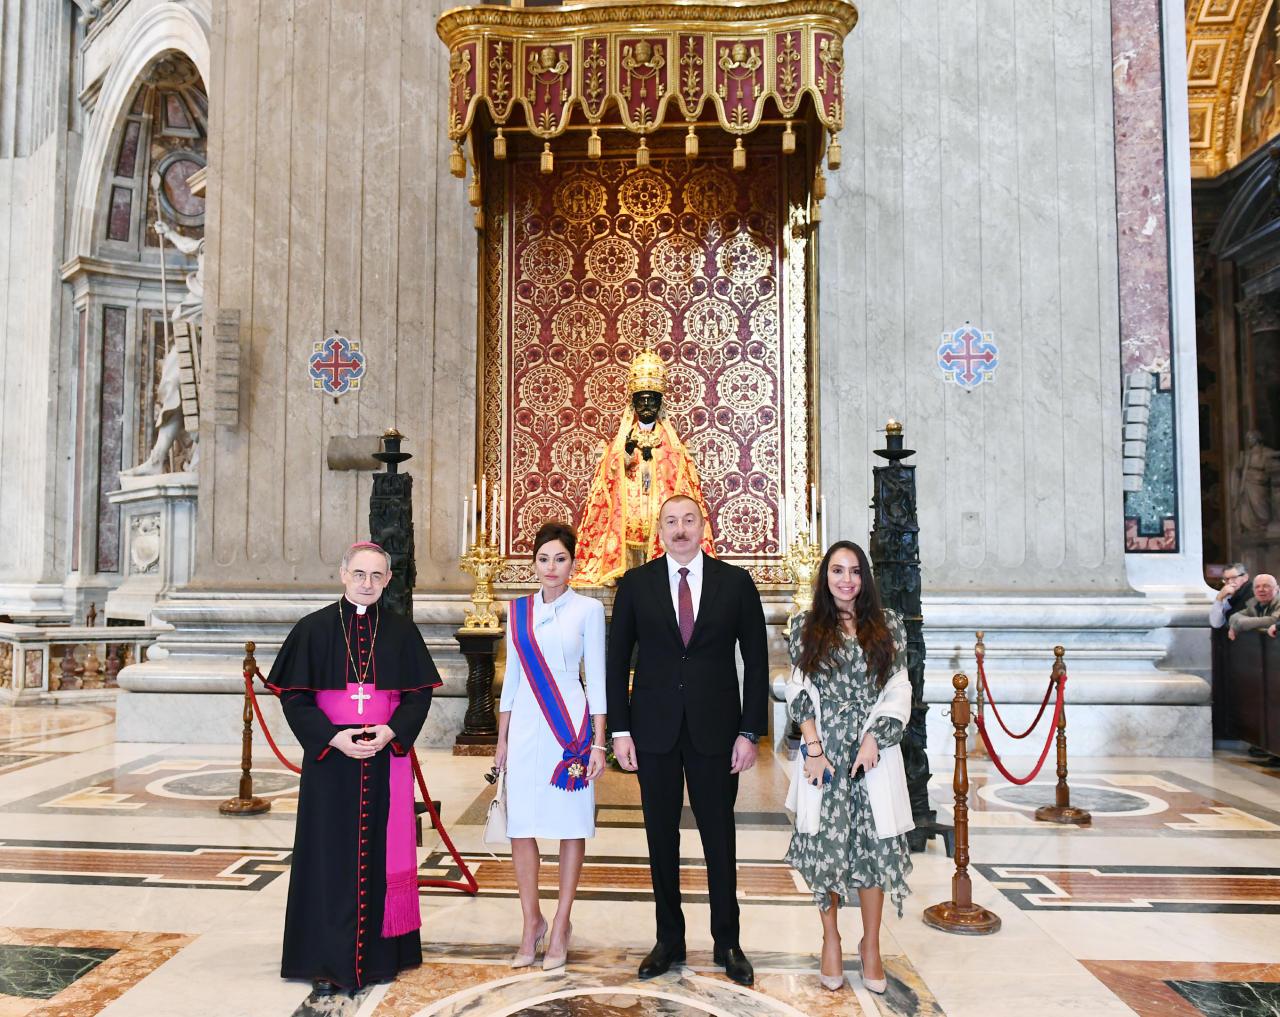 Президент Ильхам Алиев и Первая леди Мехрибан Алиева ознакомились в Ватикане с Сикстинской капеллой и Собором Святого Петра